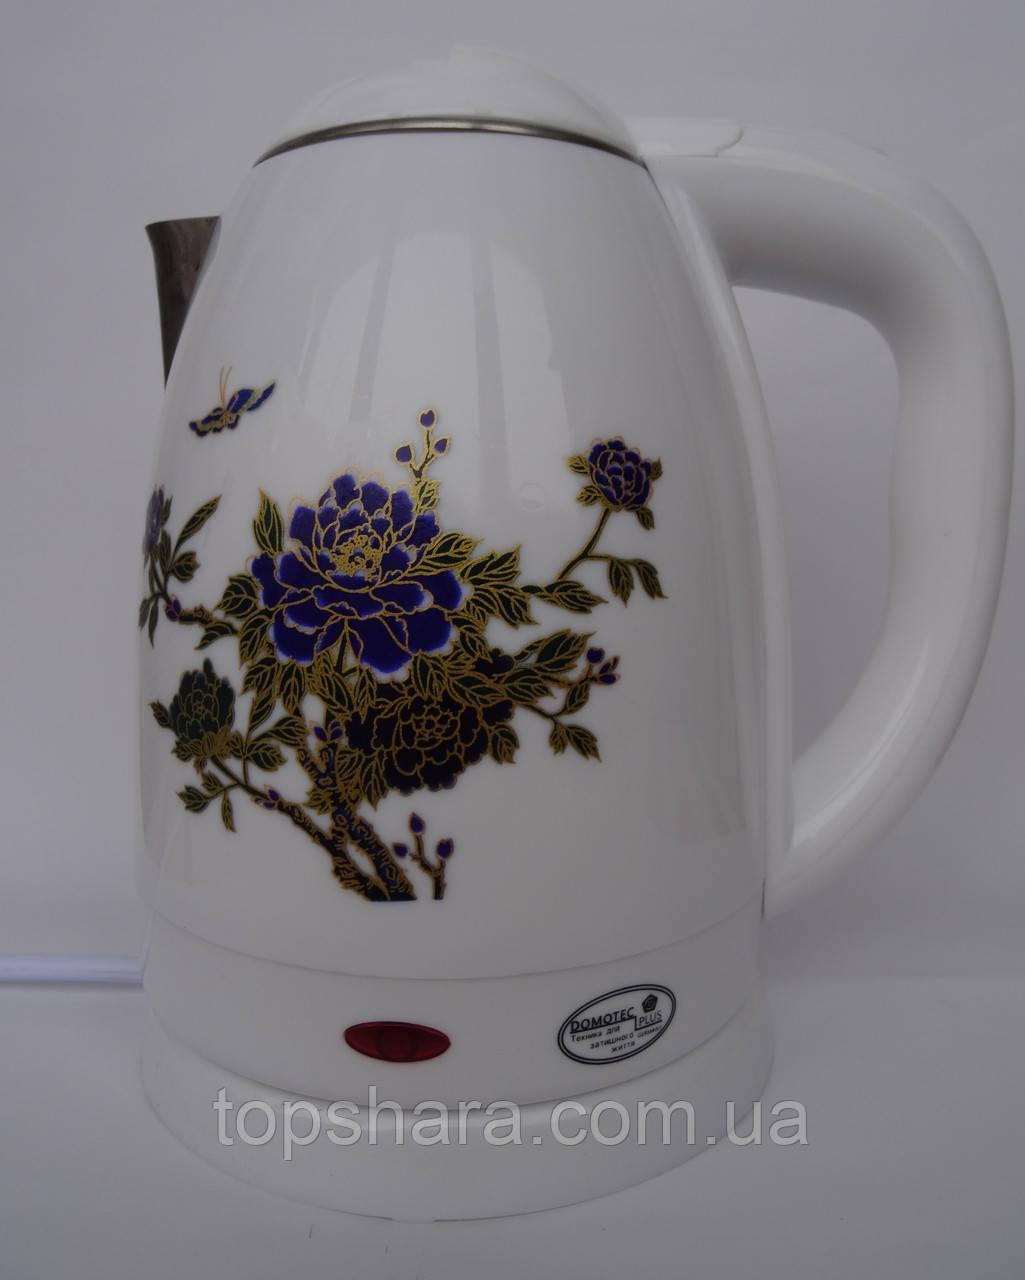 Электрочайник Domotec DT-823 чайник 2.0л. Белый